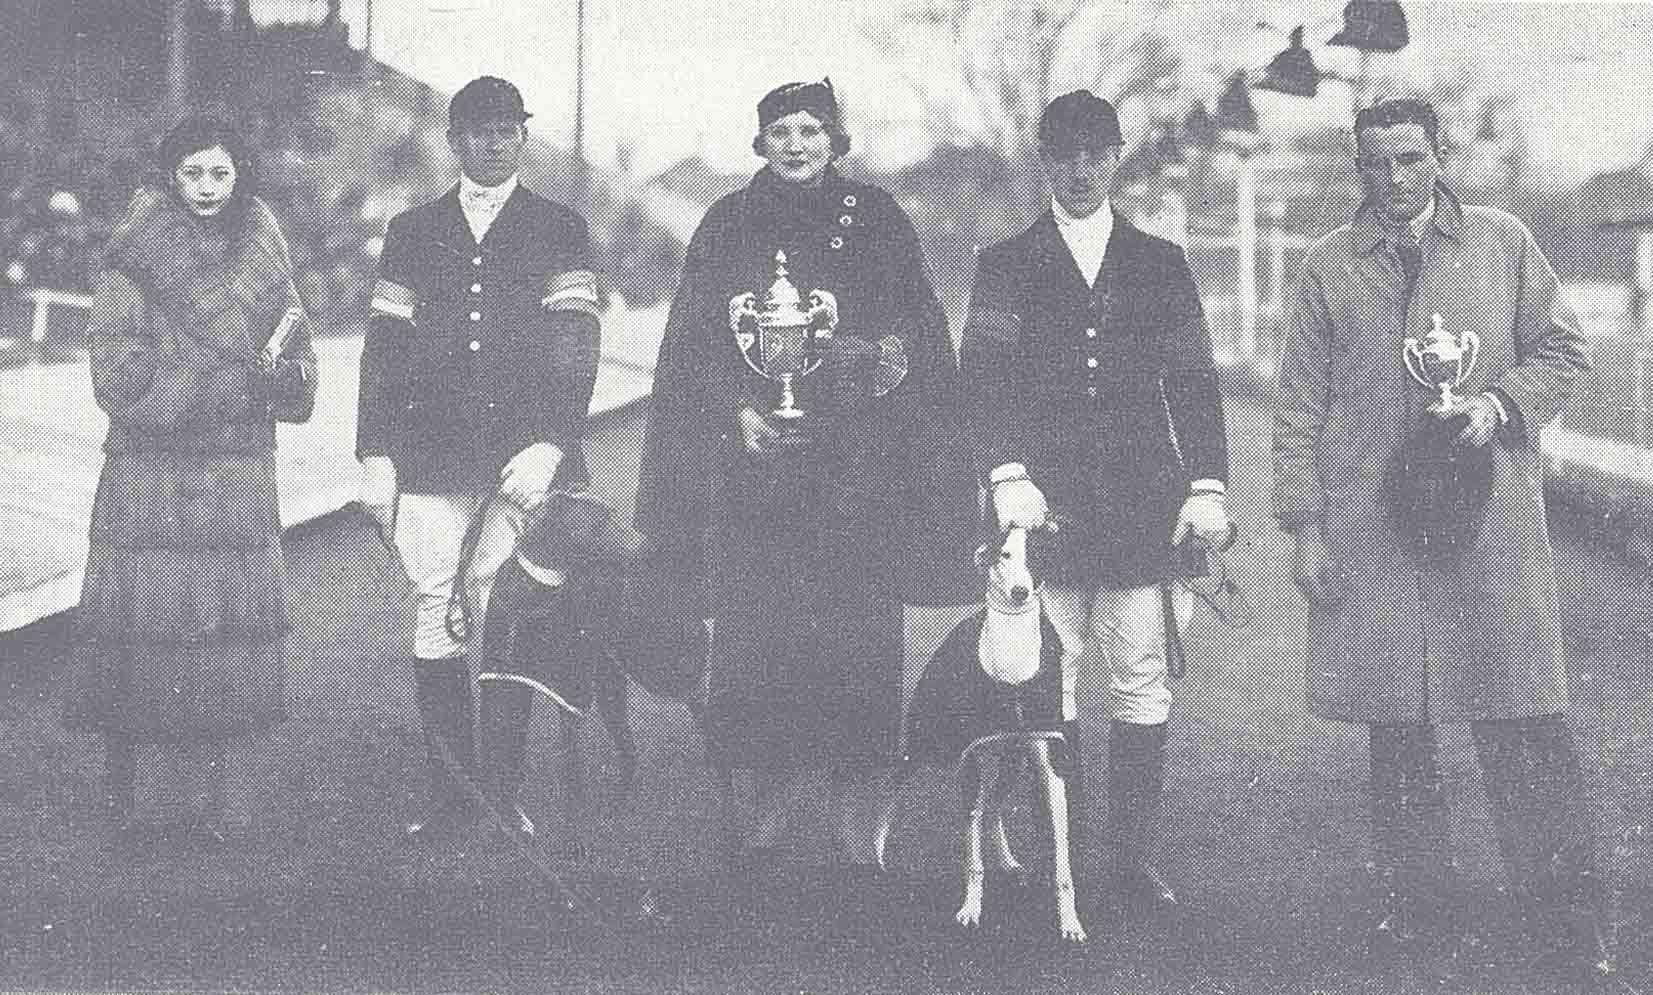 1936 年 1 月跑狗頒獎典禮。 資料來源│上海圖書館《全國報刊索引》資料庫